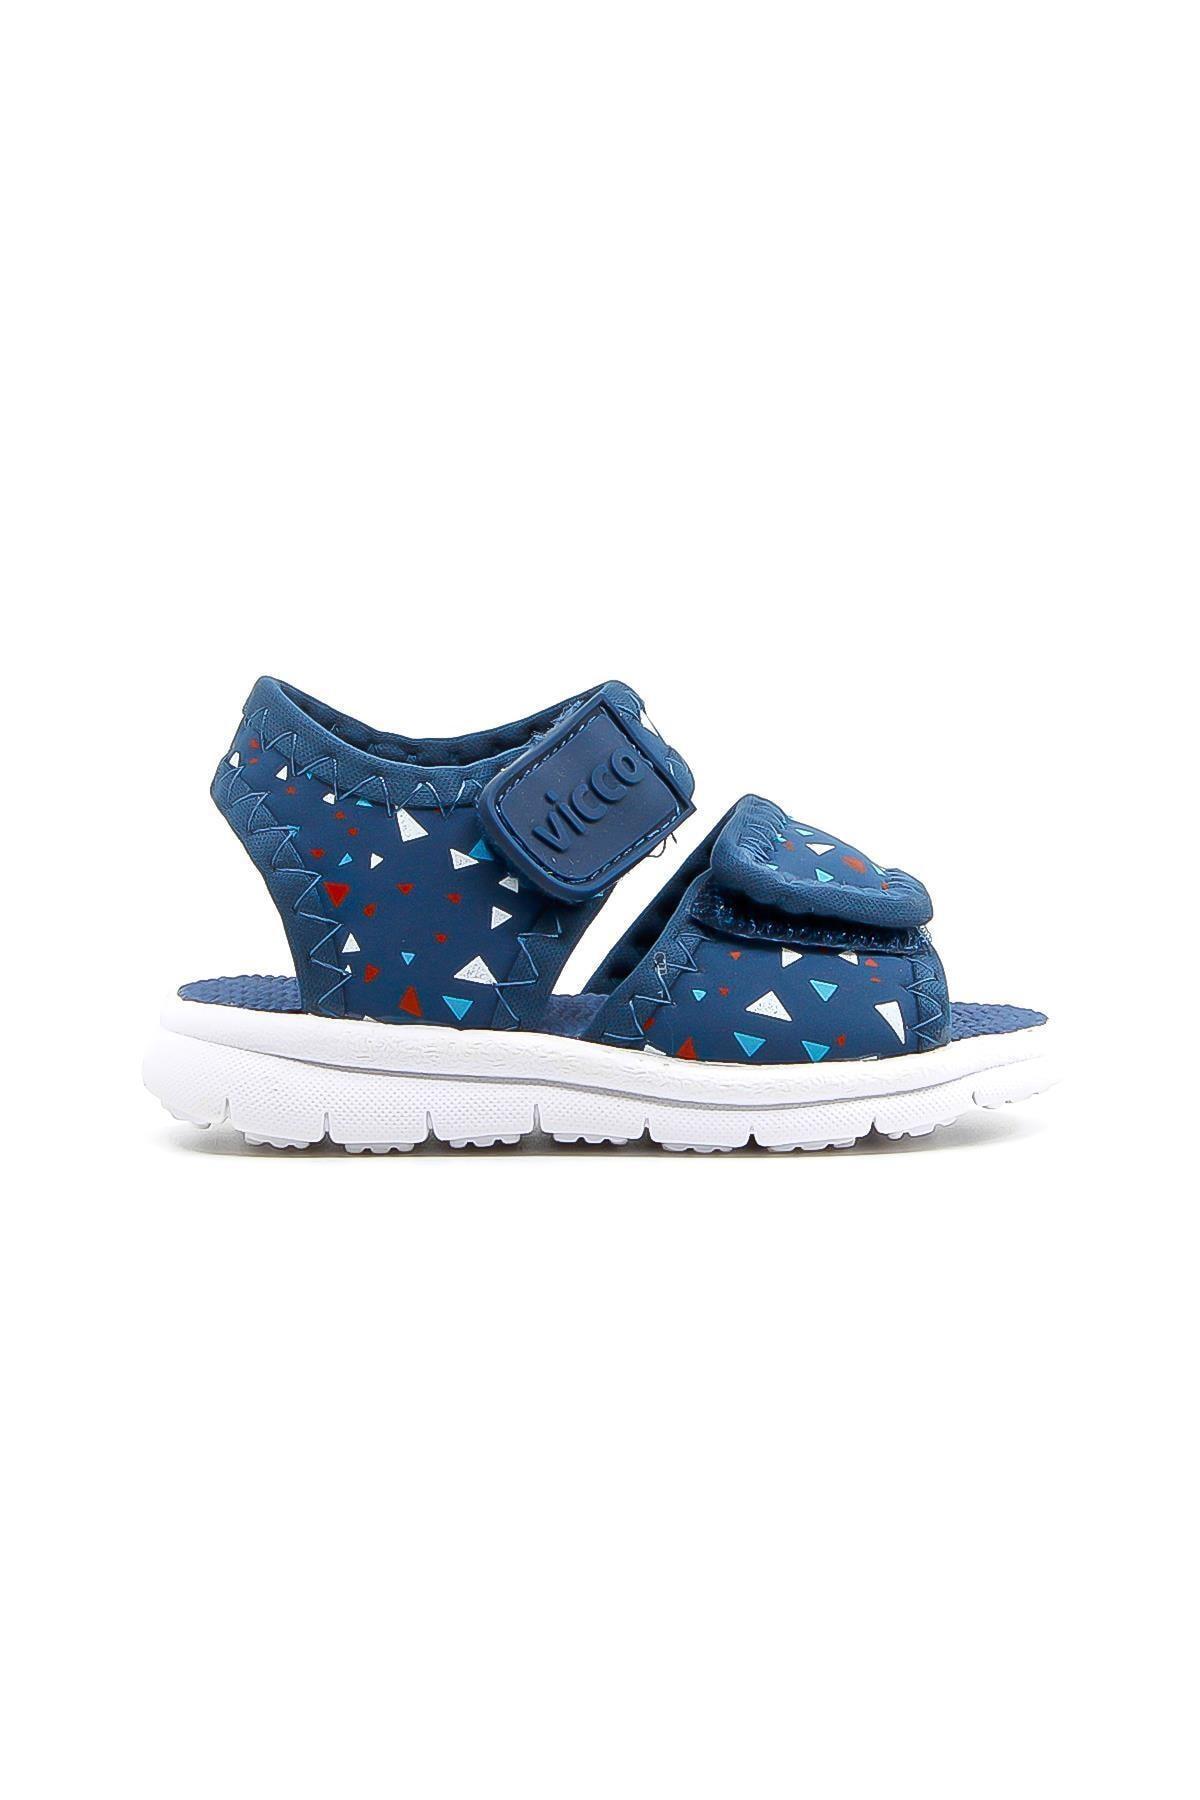 Limbo Unısex Çocuk Sandalet Ayakkabı (26-30) 21y 332.305 Pk